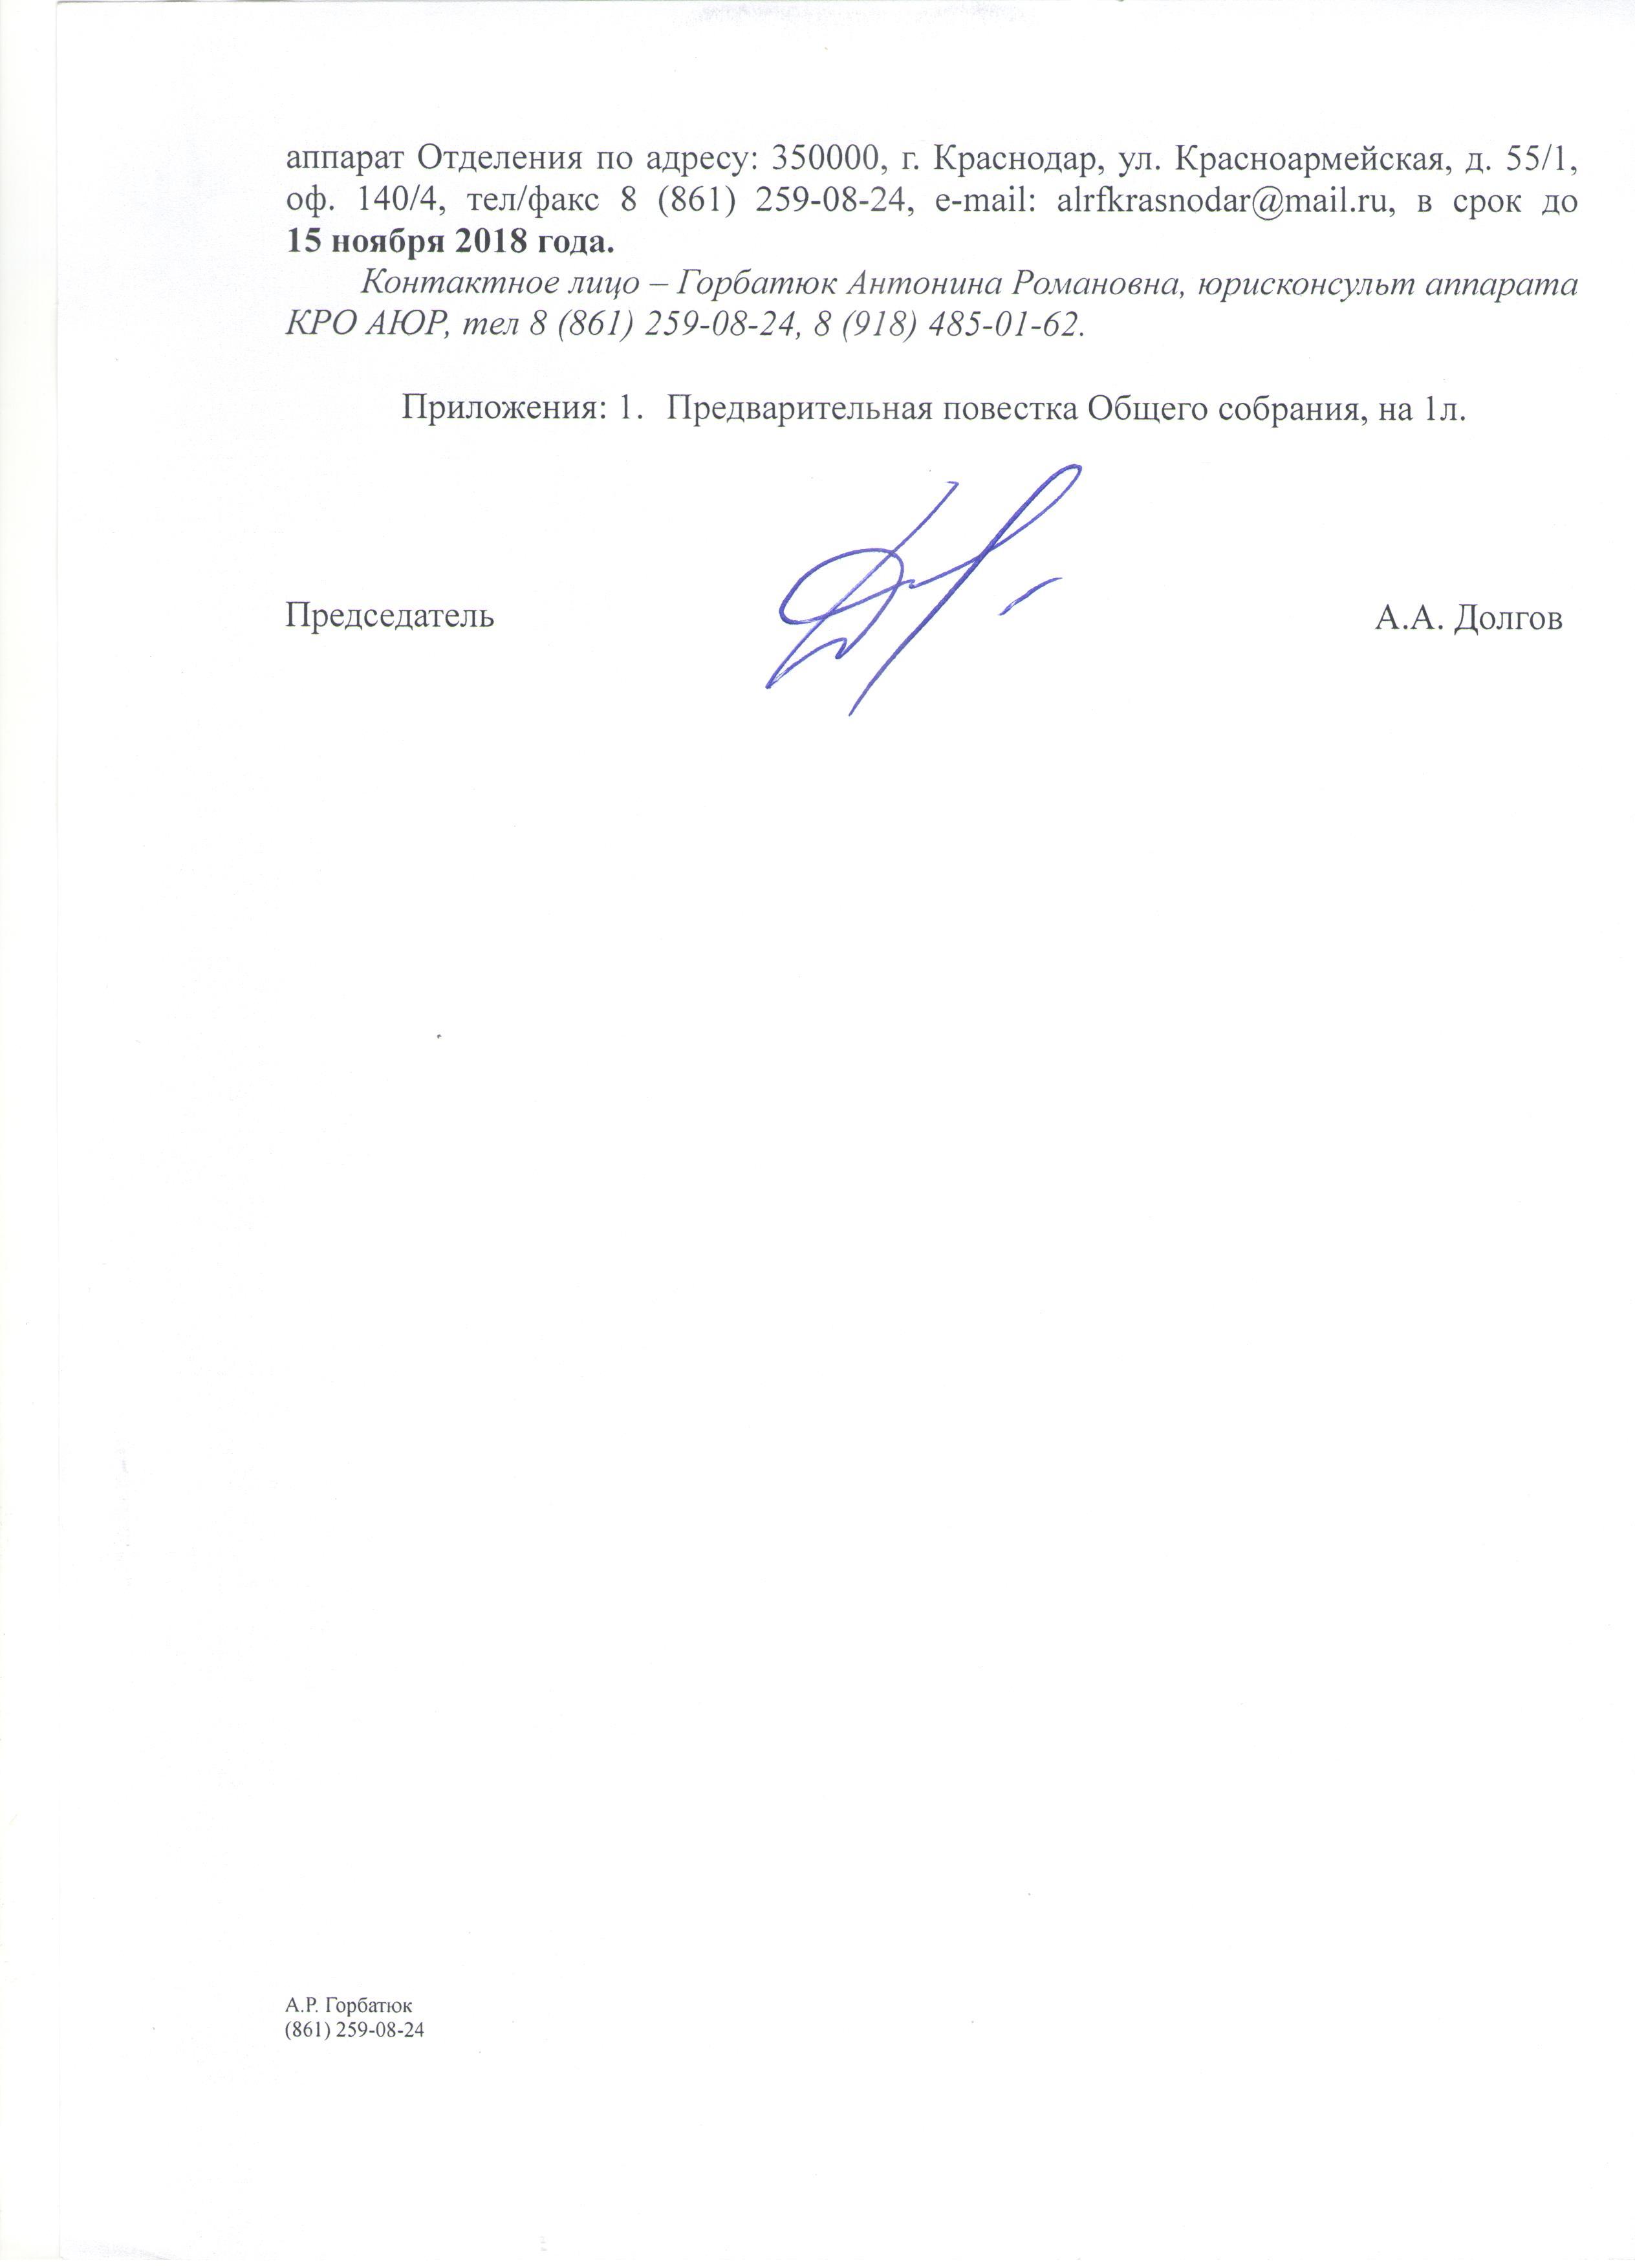 Ильяшенко 2